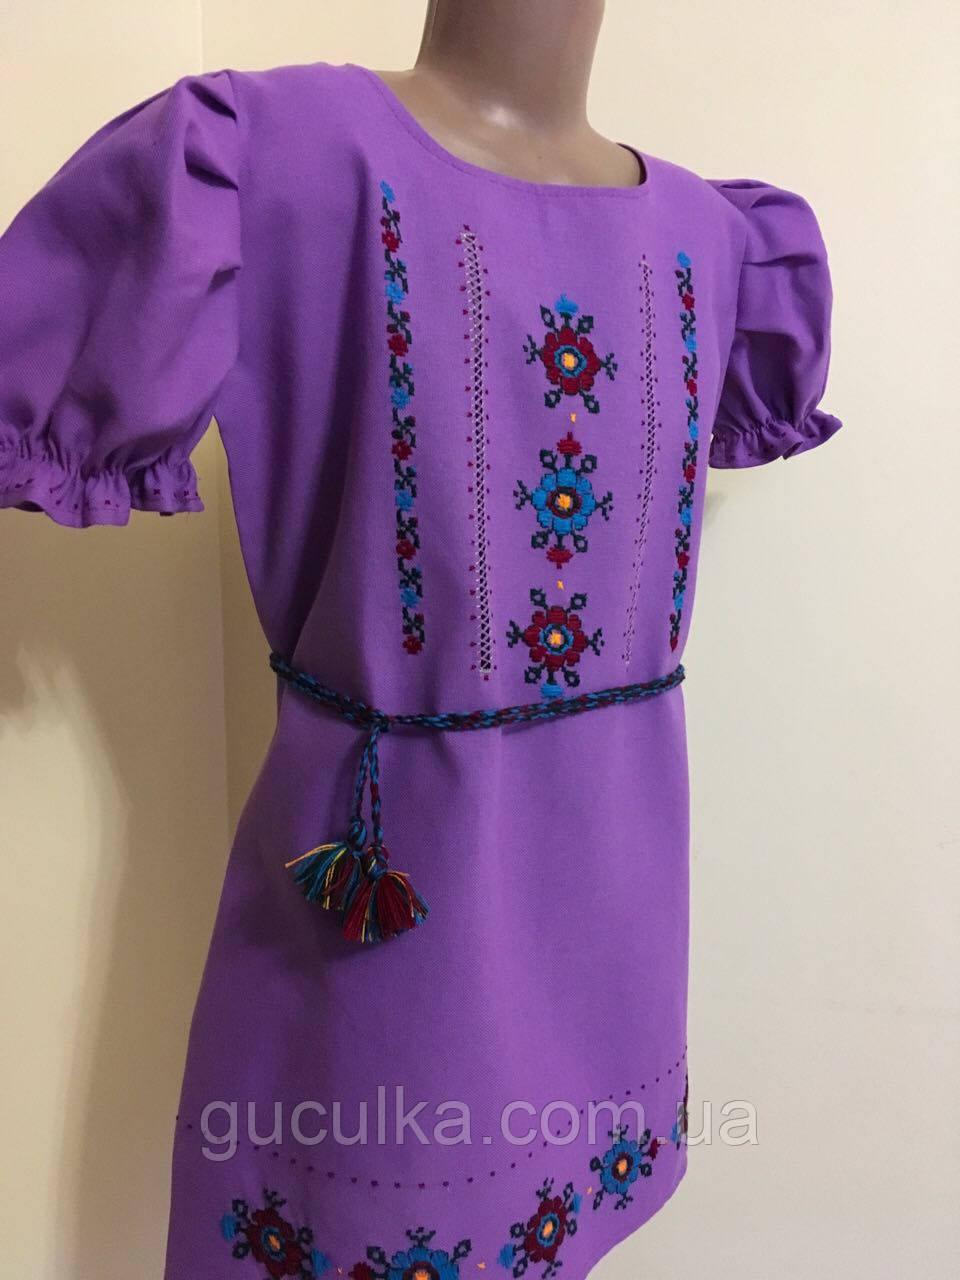 Сукня вишита для дівчинки ручної роботи 10-12 років - Інтернет-магазин